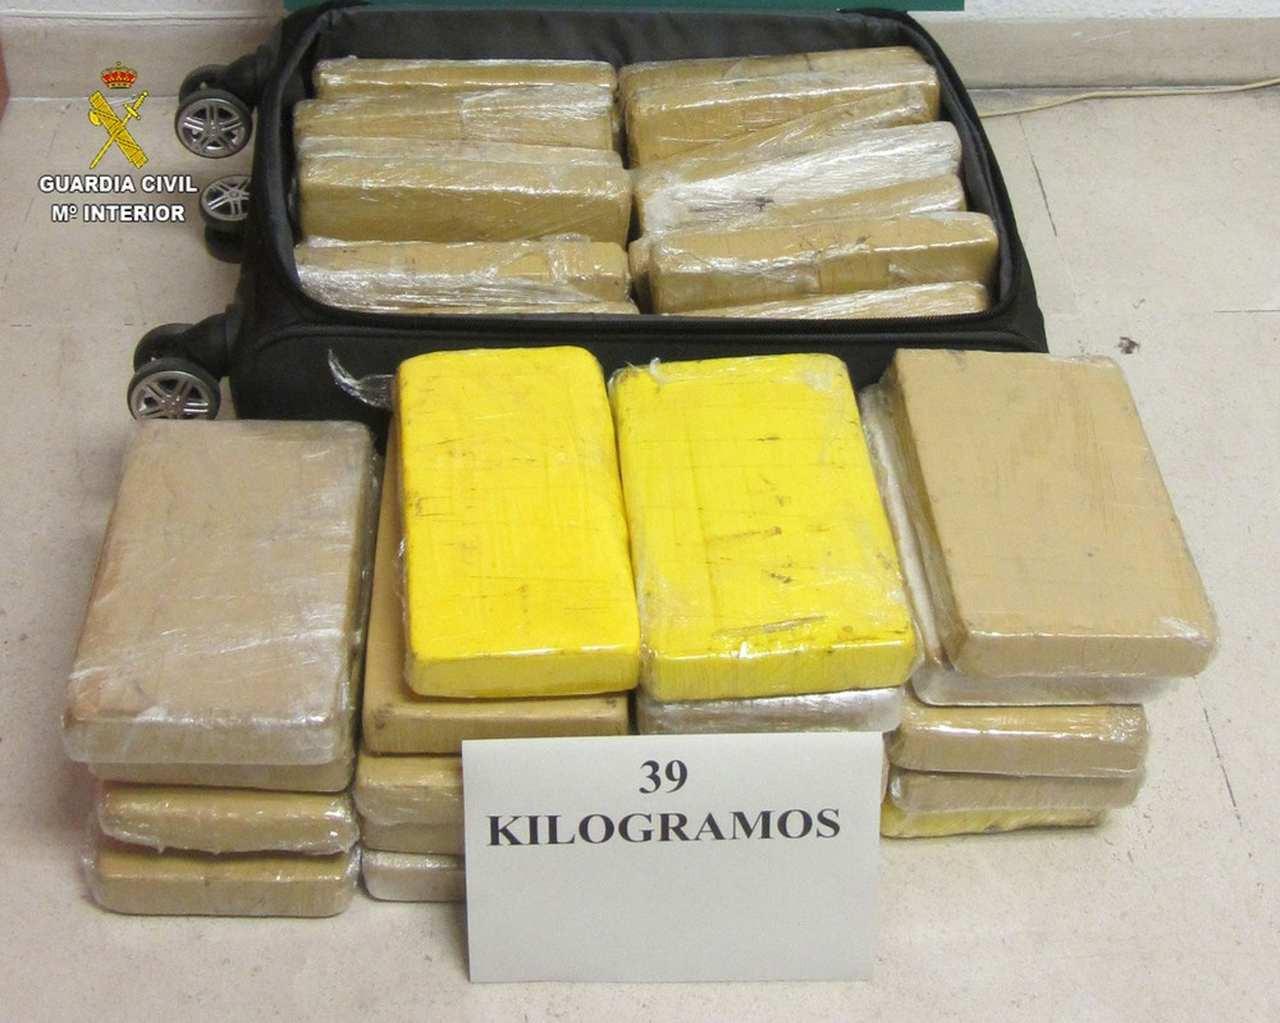 Mala e os 39 kg de cocaína apreendidas com militar da FAB preso na Espanha   Foto: Guarda Civil de Sevilla